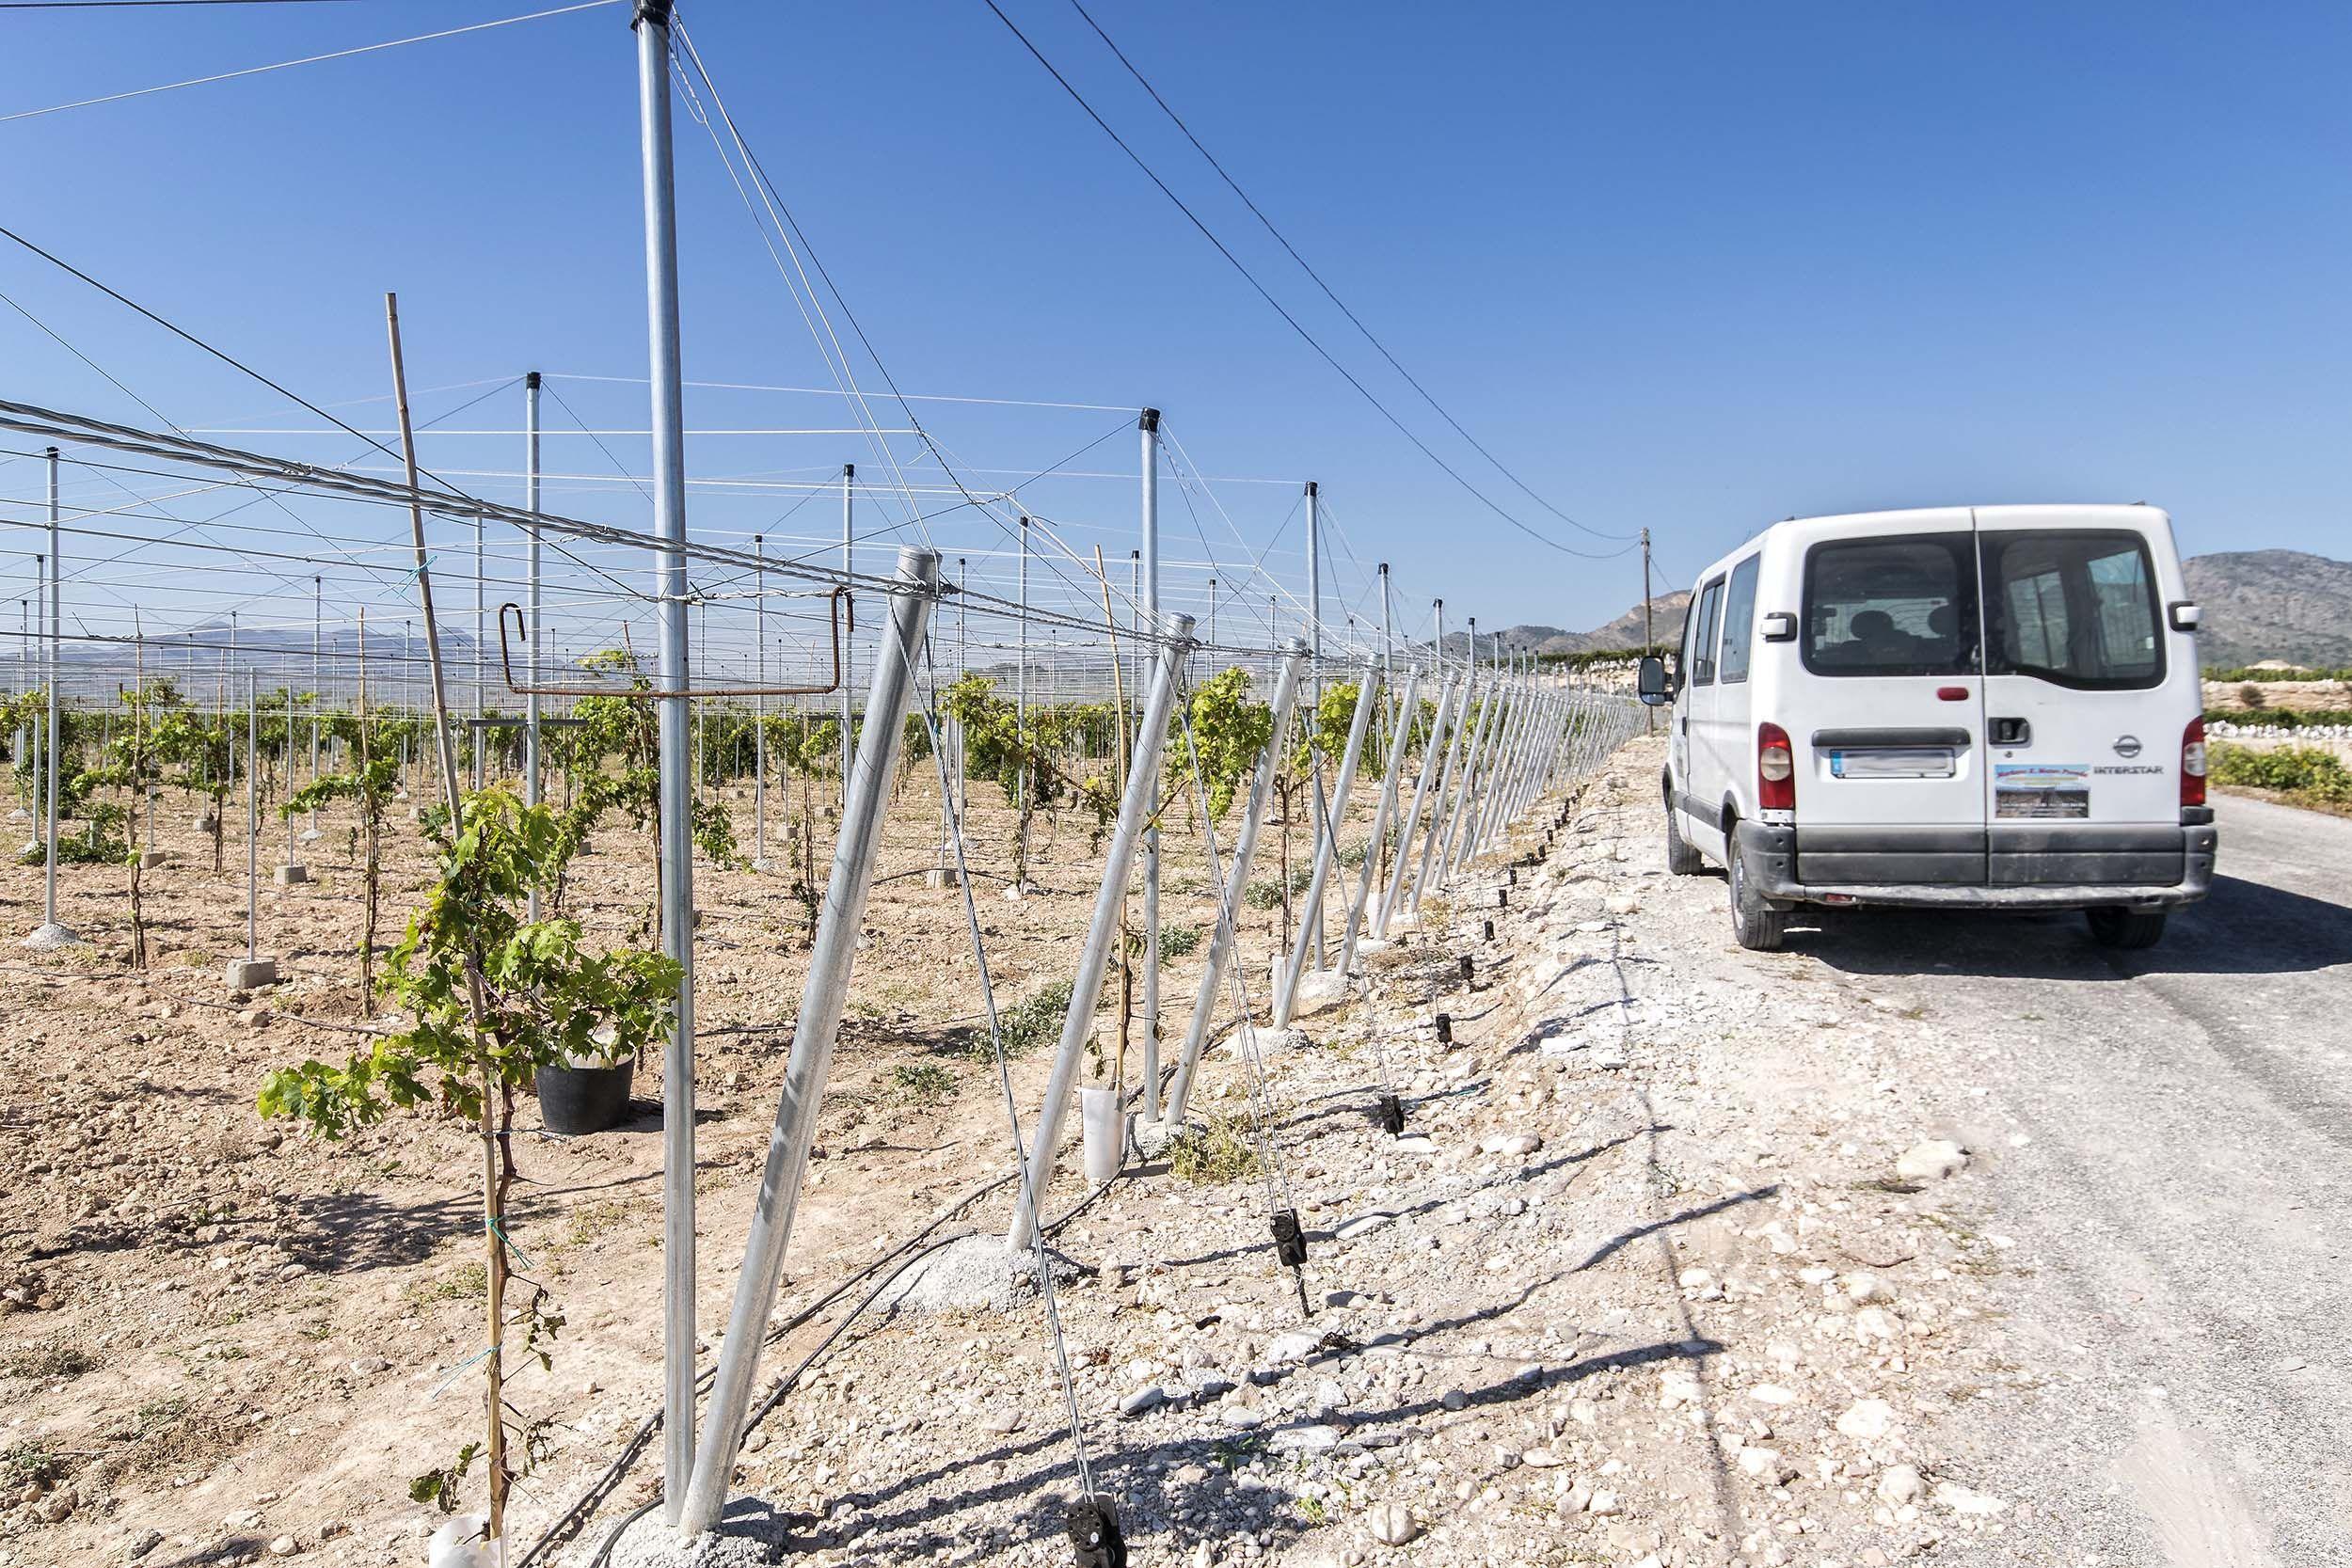 Montaje de infraestructuras para uvas en Alicante